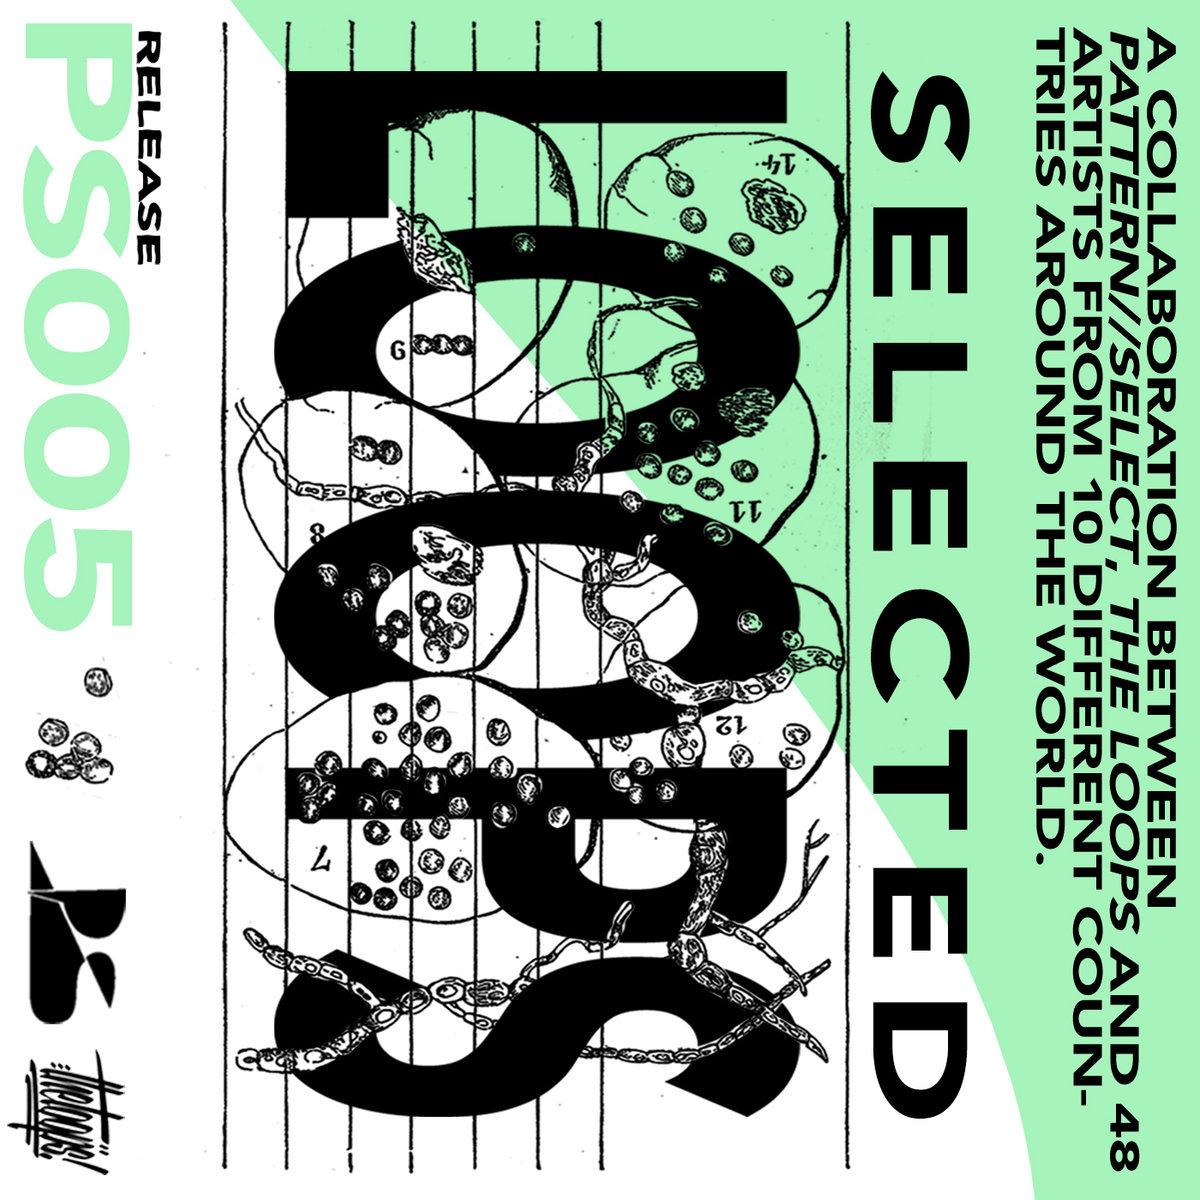 Selected Loops